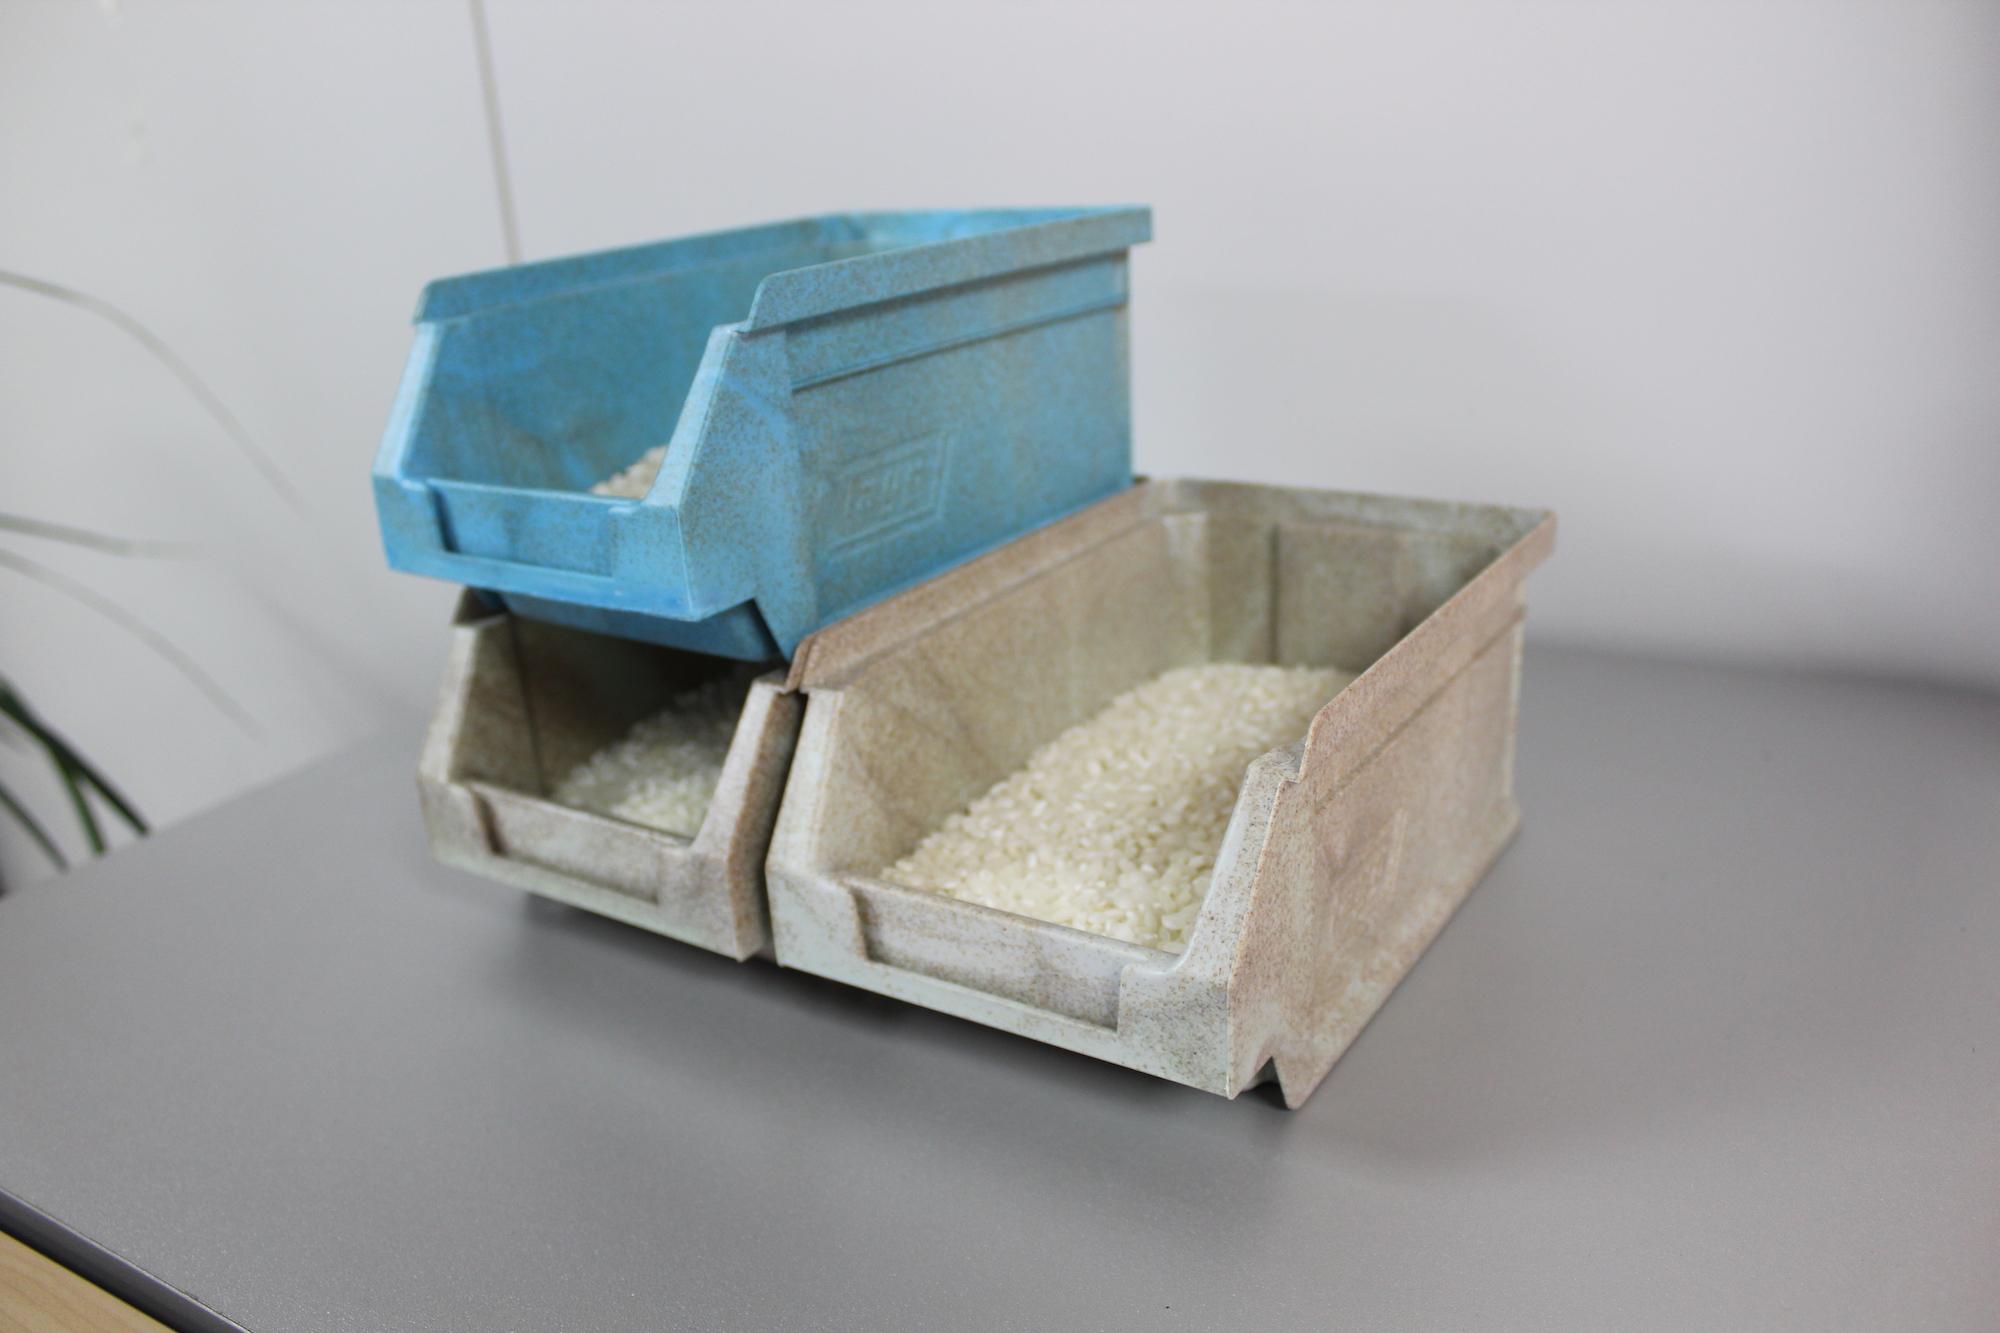 gavetas biodegradables de Tayg